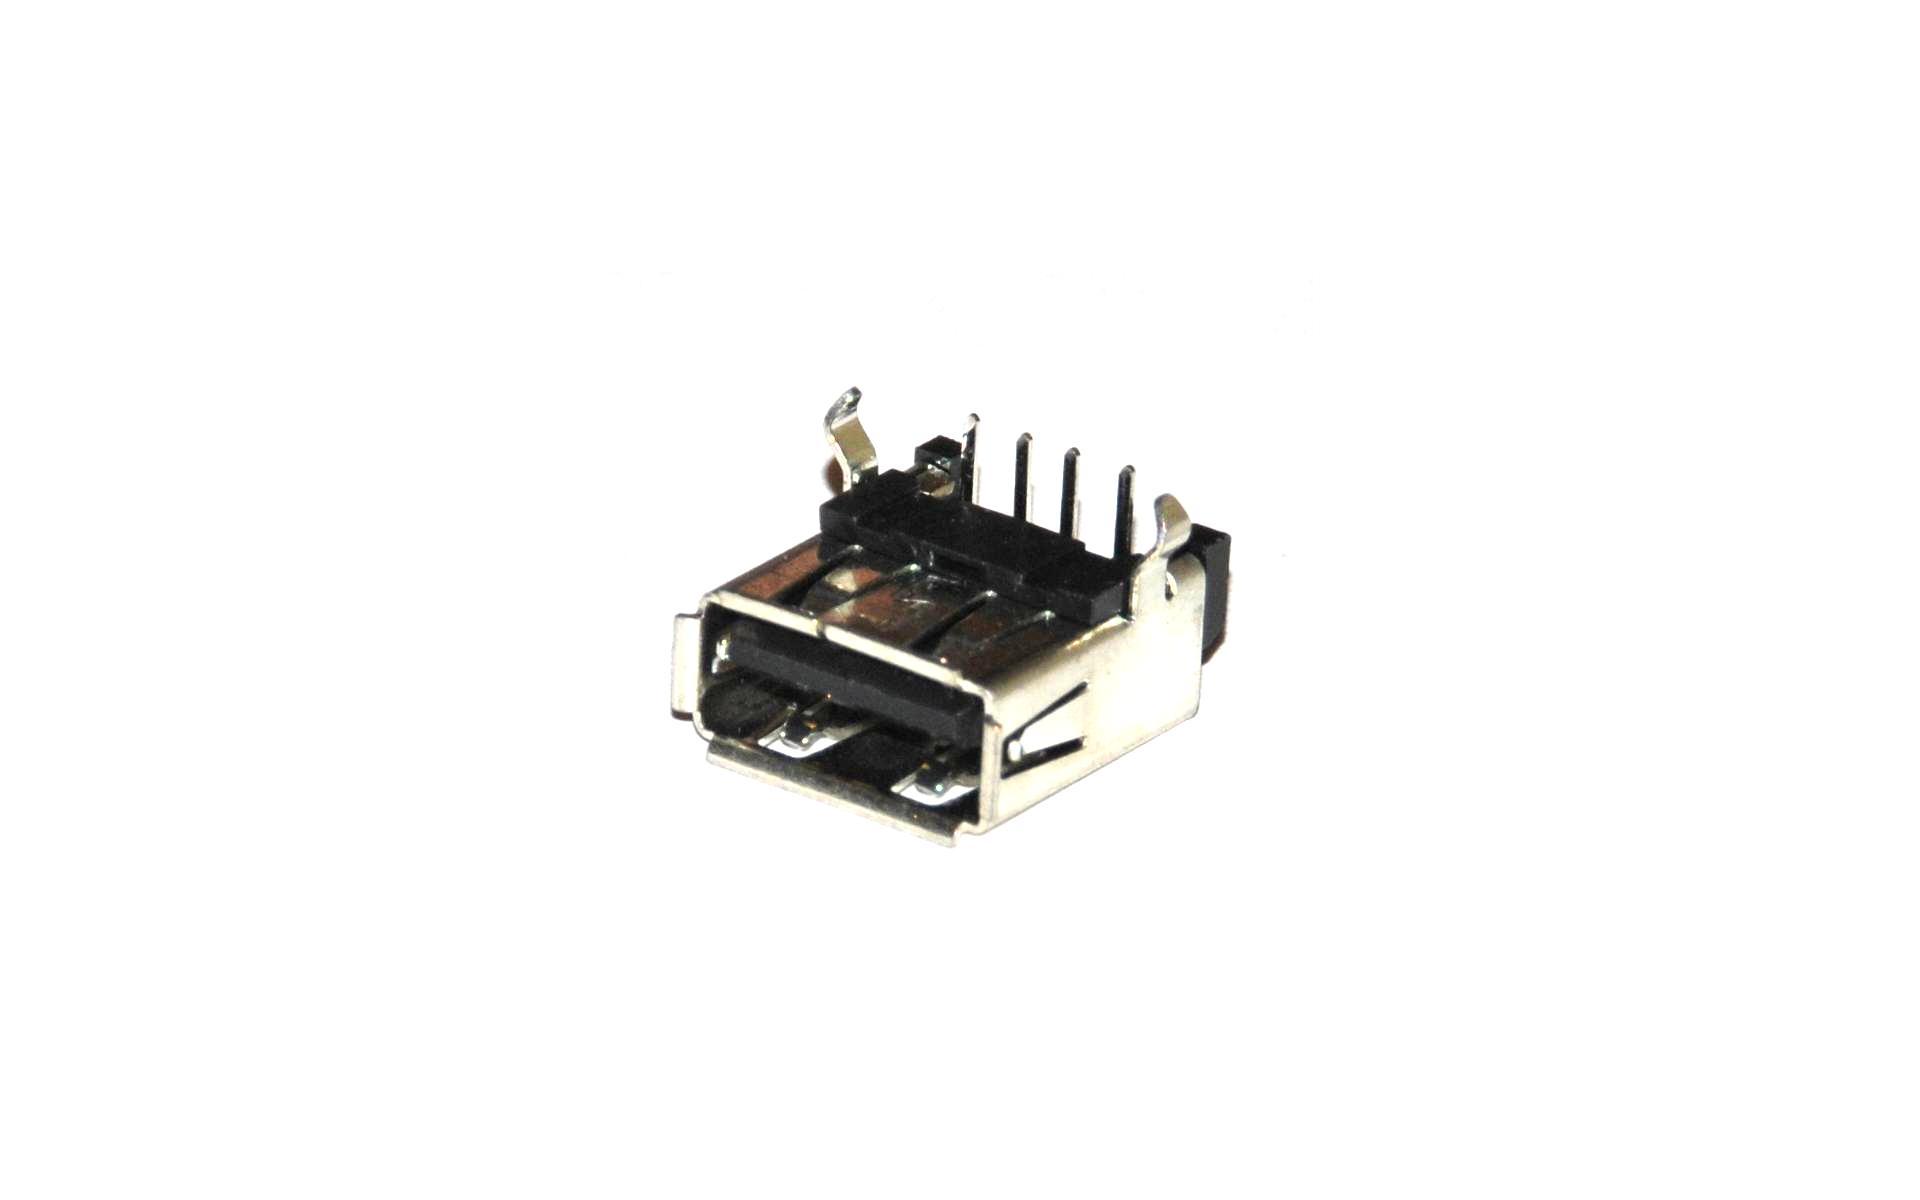 Разъем USB 2.0 для ноутбука одинарный тип 12